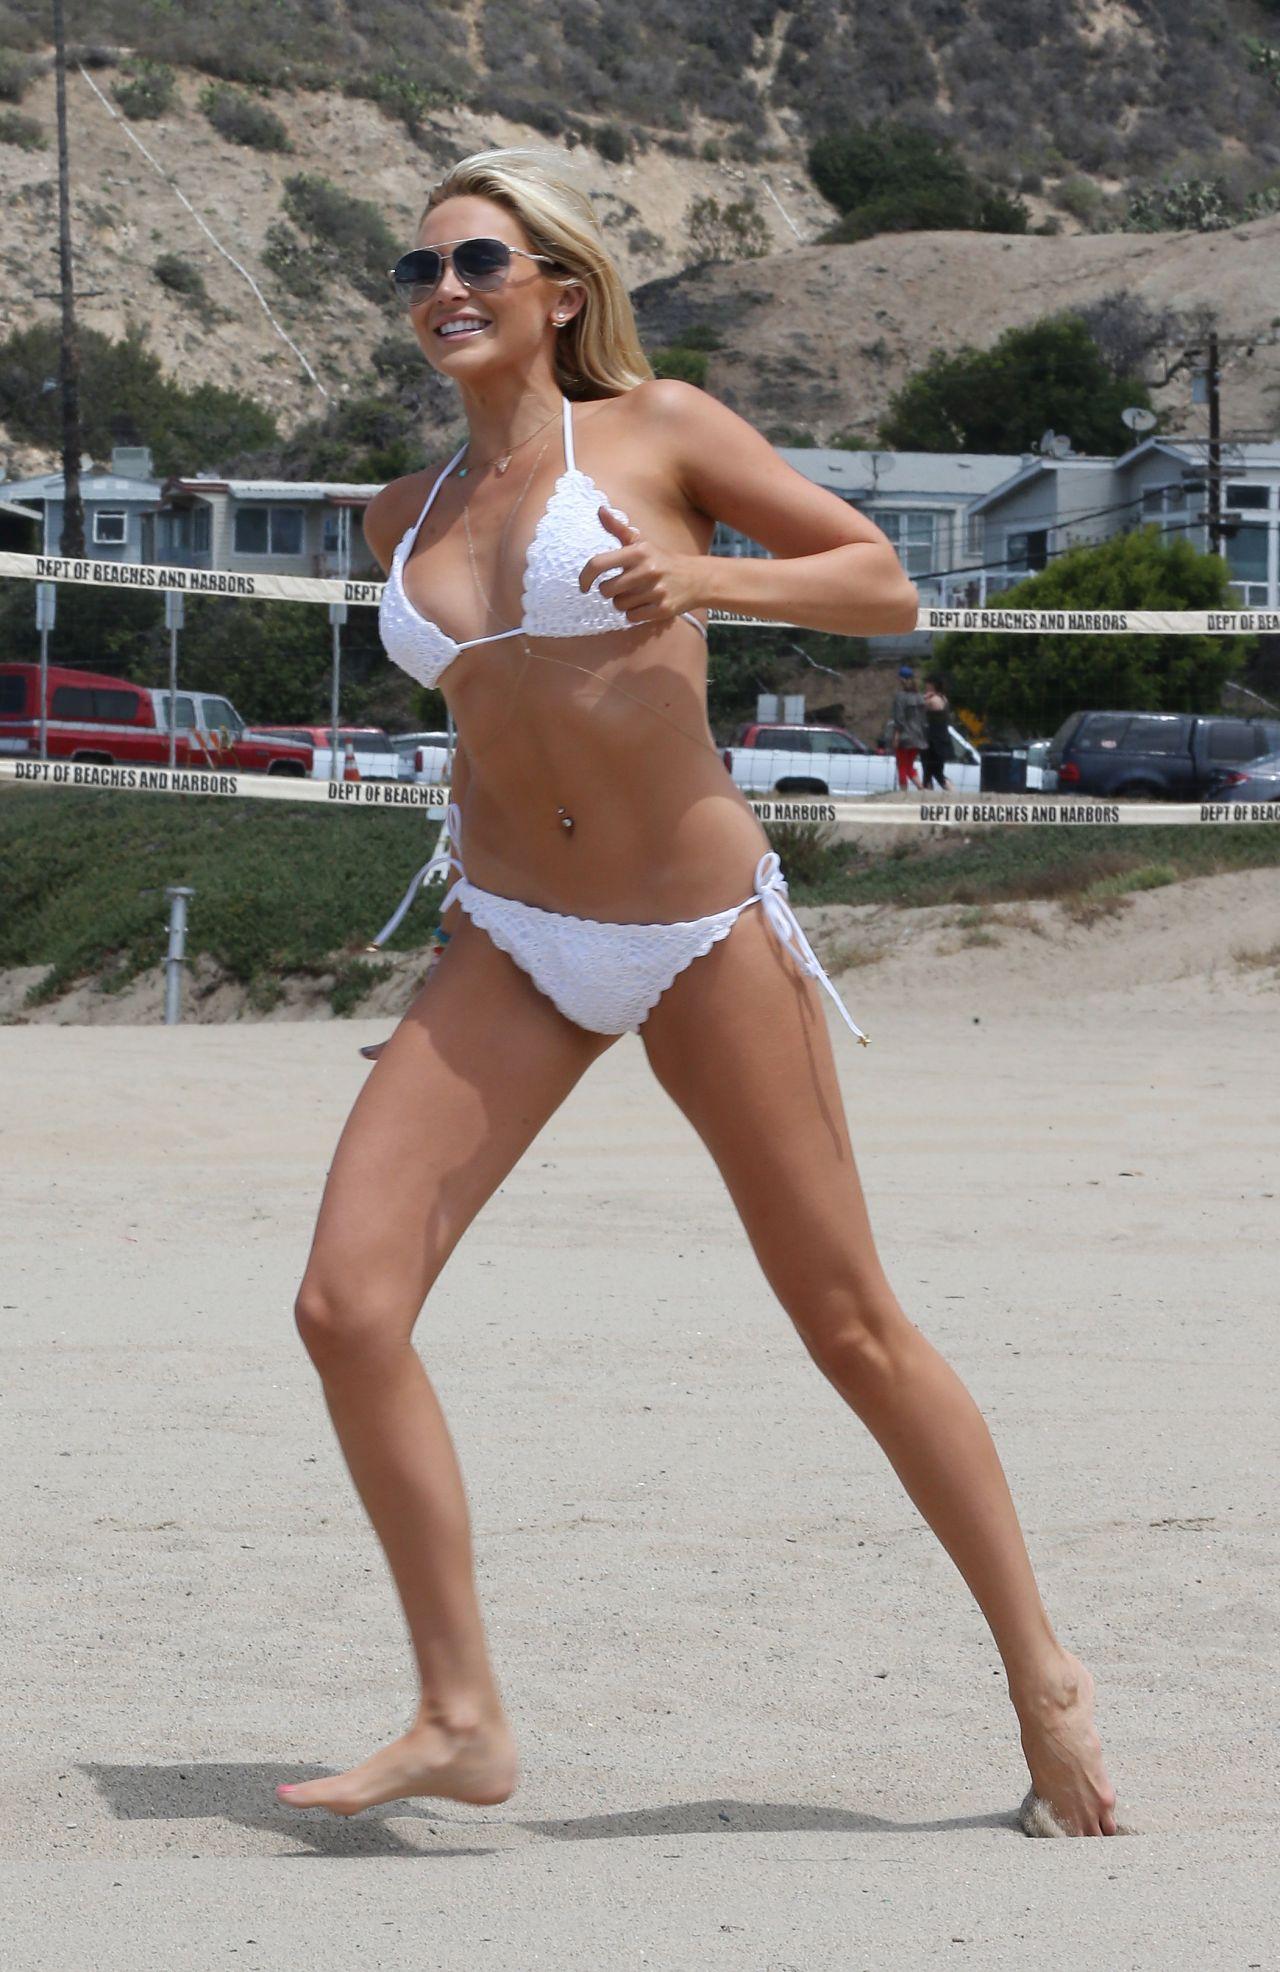 bikini pictures of stephanie